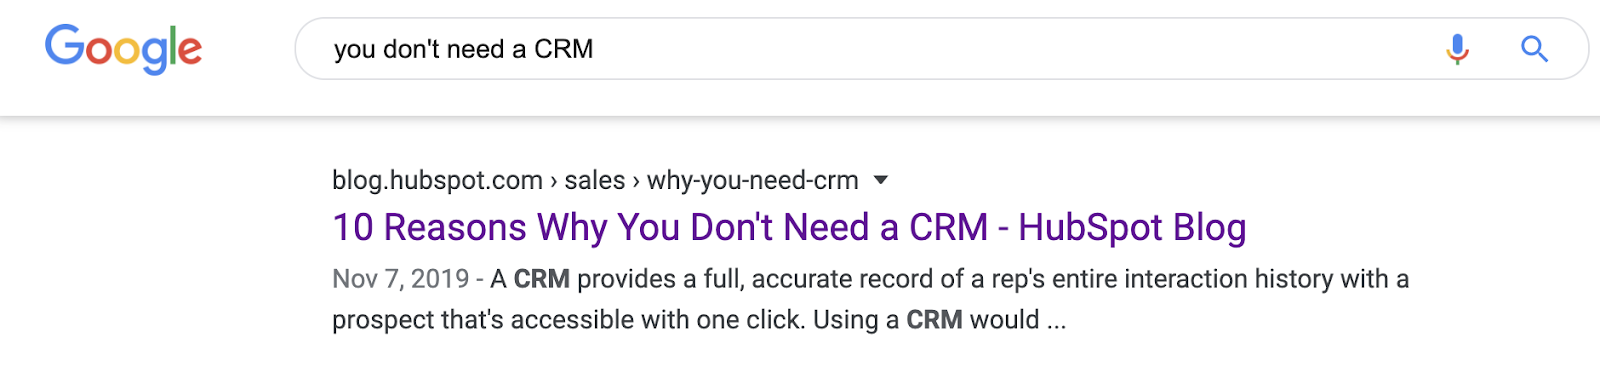 Cadrez votre contenu sous un angle unique qui le différencie des autres résultats de recherche